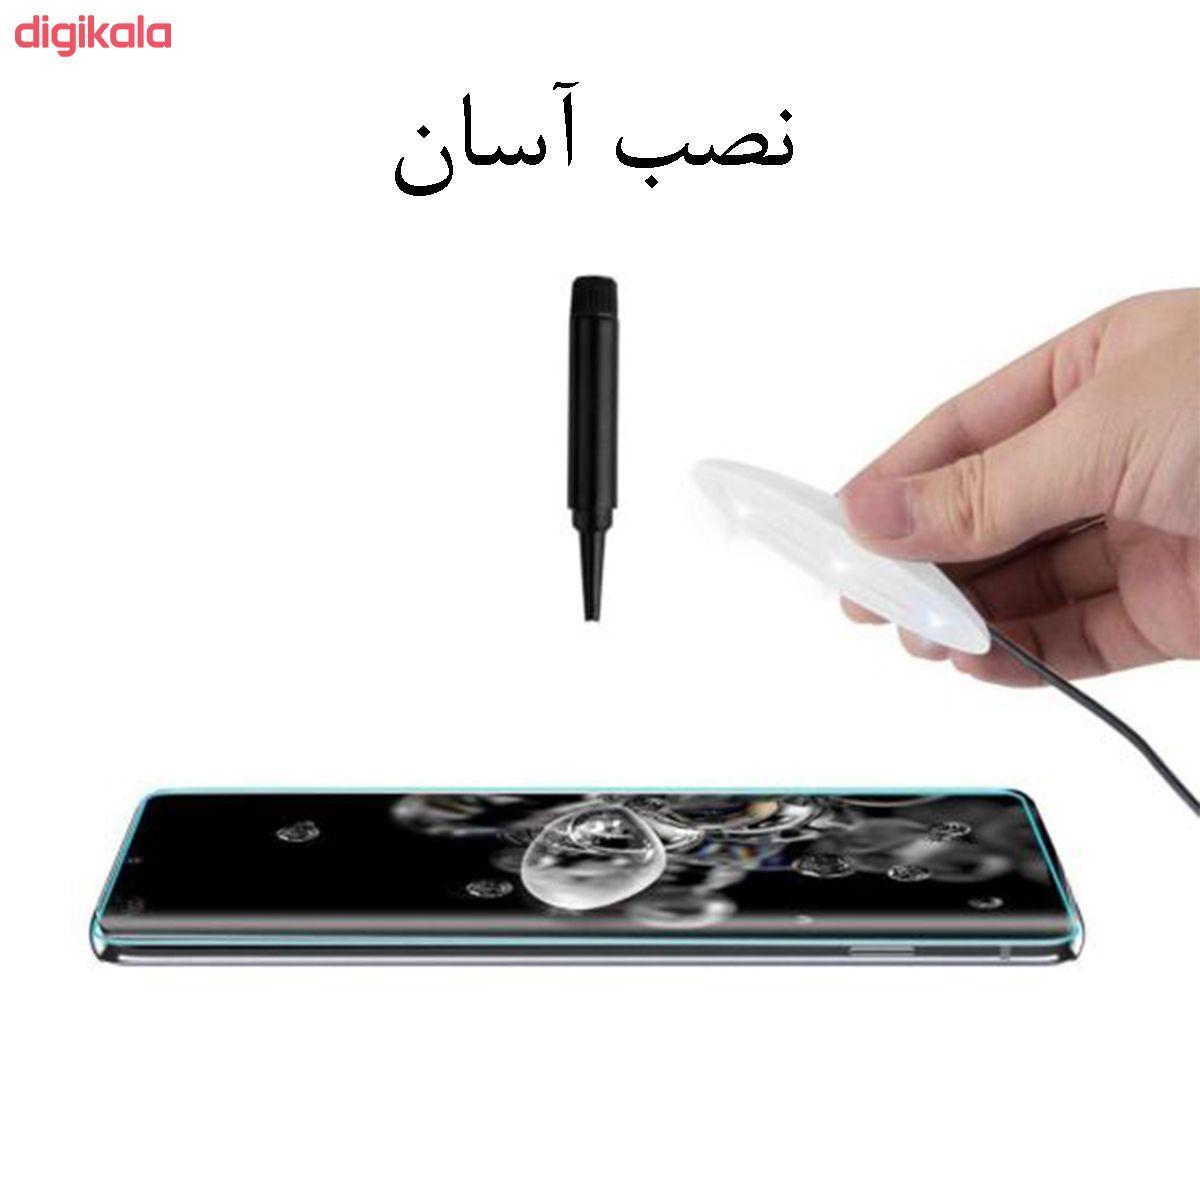 محافظ صفحه نمایش یووی مدل PHSI مناسب برای گوشی موبایل سامسونگ Galaxy note20 Ultra main 1 2